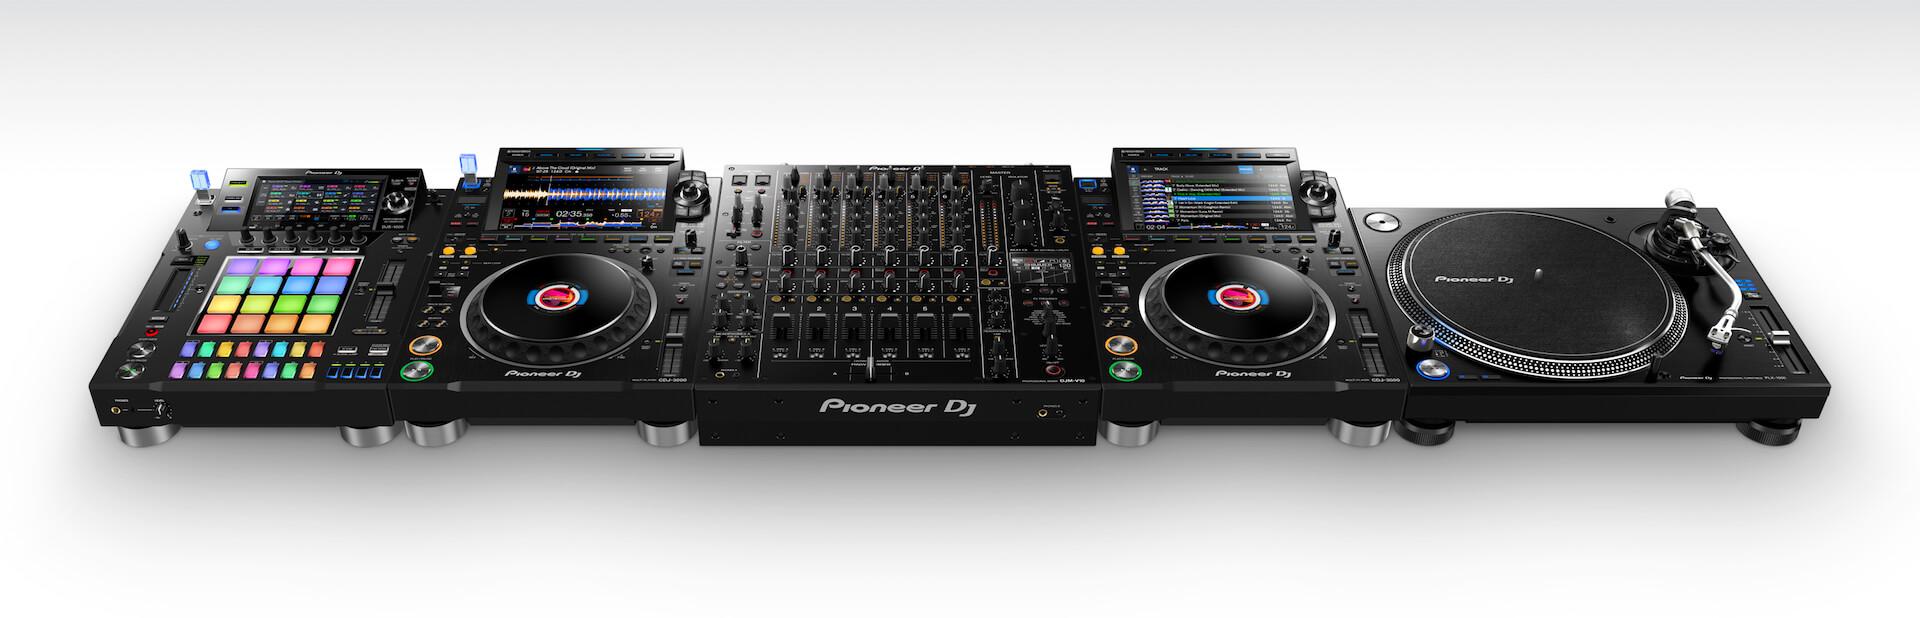 Pioneer DJからCDJシリーズ最新モデル「CDJ-3000」が登場!限定モデル「CDJ-3000-W」も tech200910_cdj_3000_8